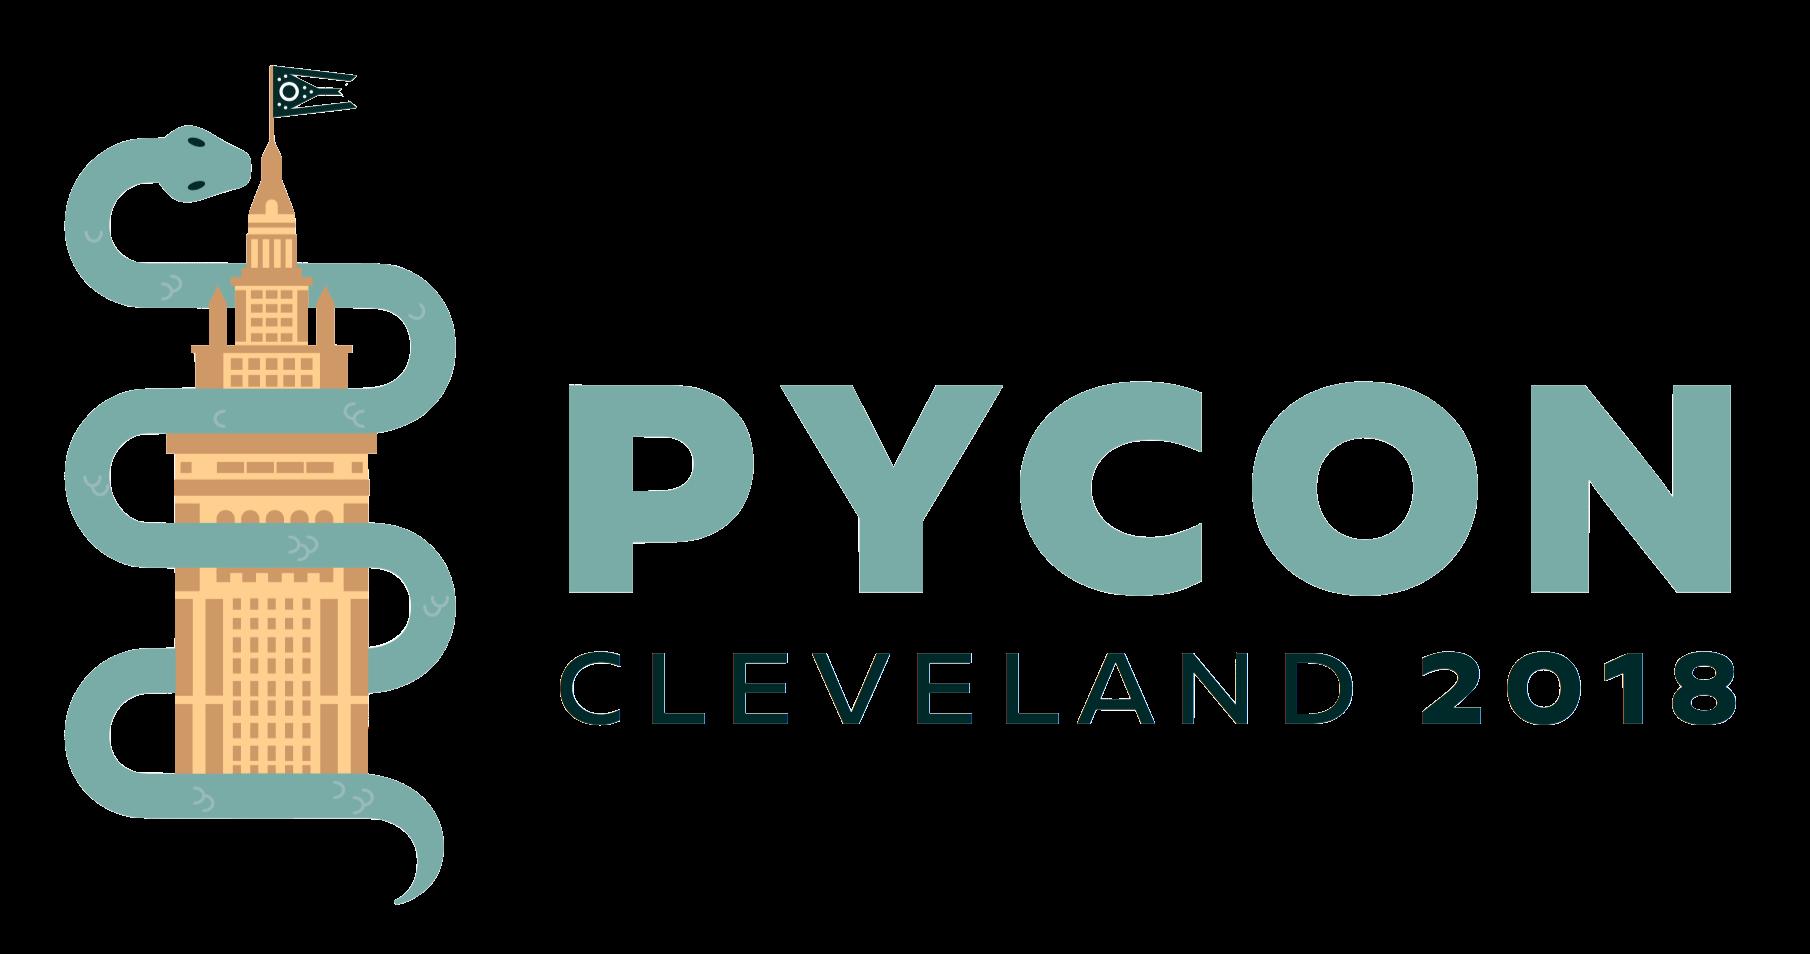 Pycon Charlas Pycon 2018 In Cleveland Ohio